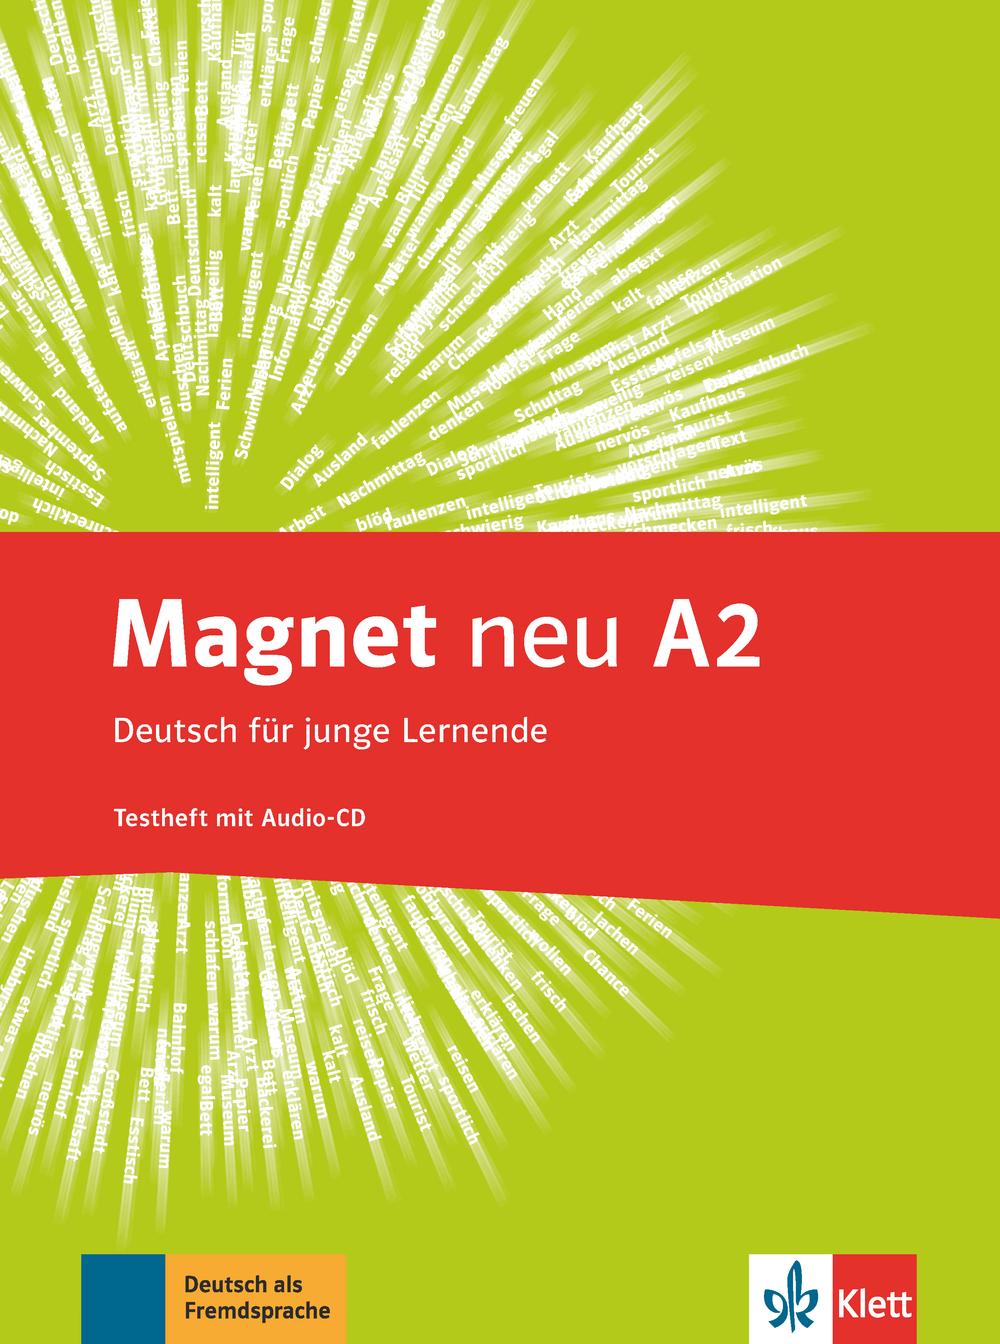 Magnet A2 neu